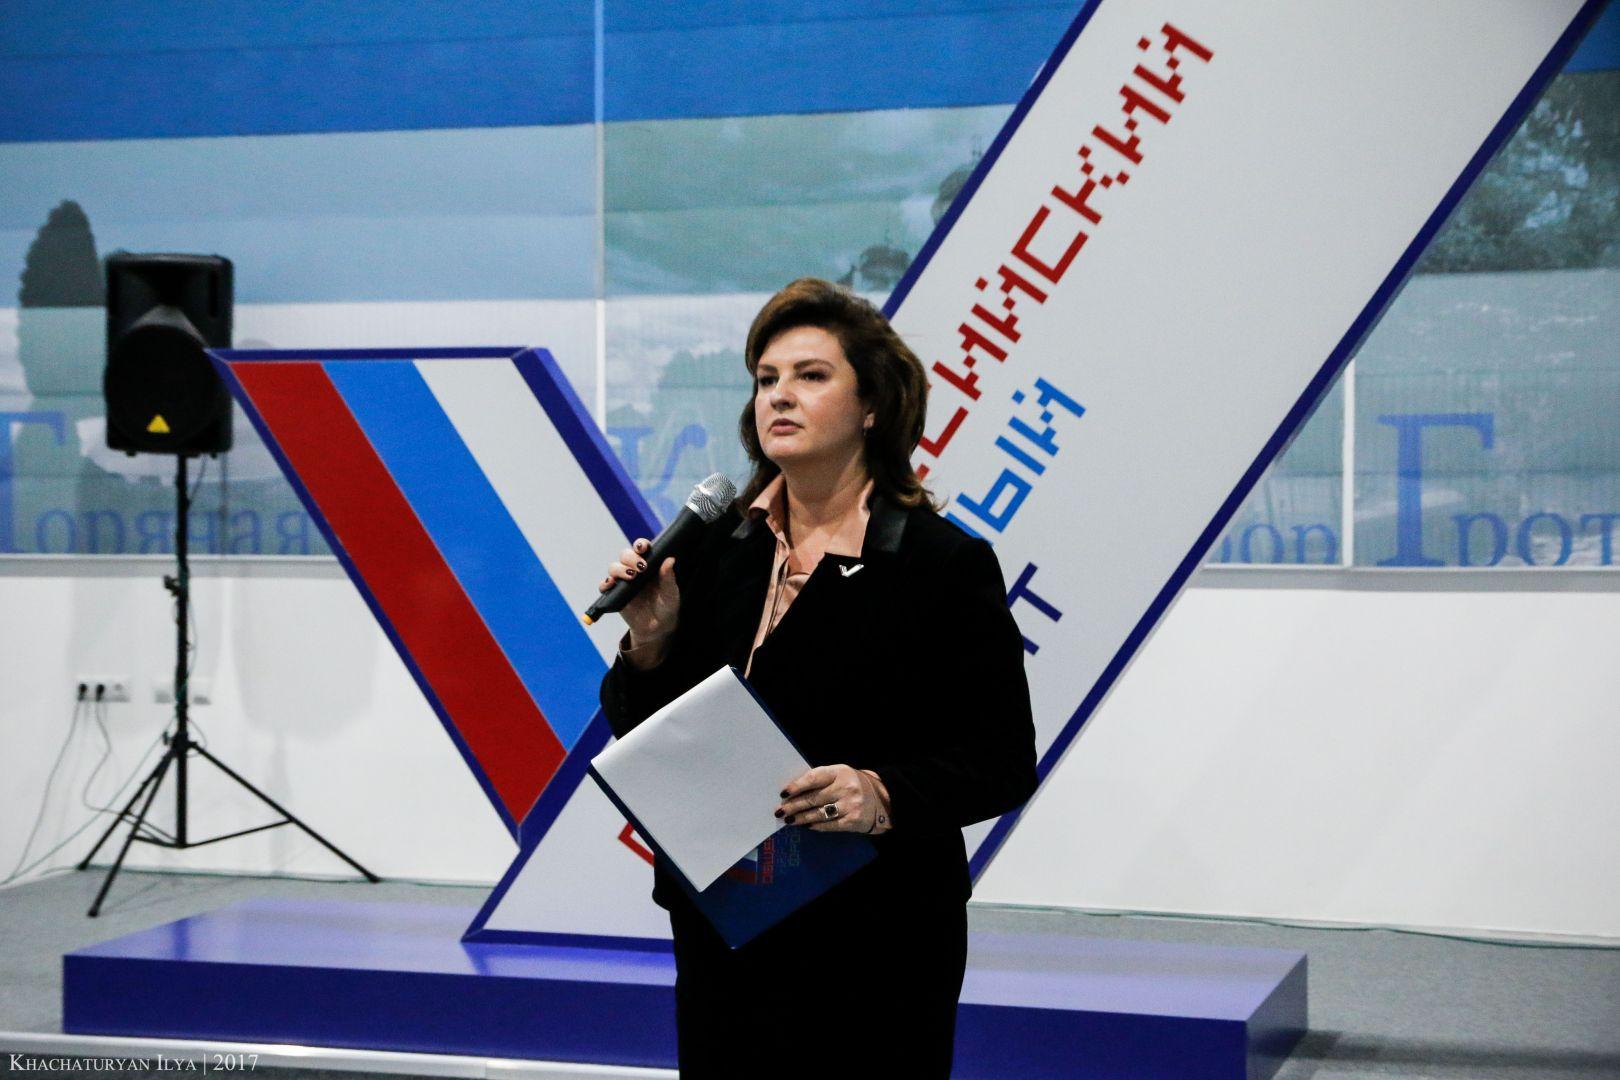 Сопредседатель регионального штаба ОНФ Александра Будяк вошла в список доверенных лиц Владимира Путина